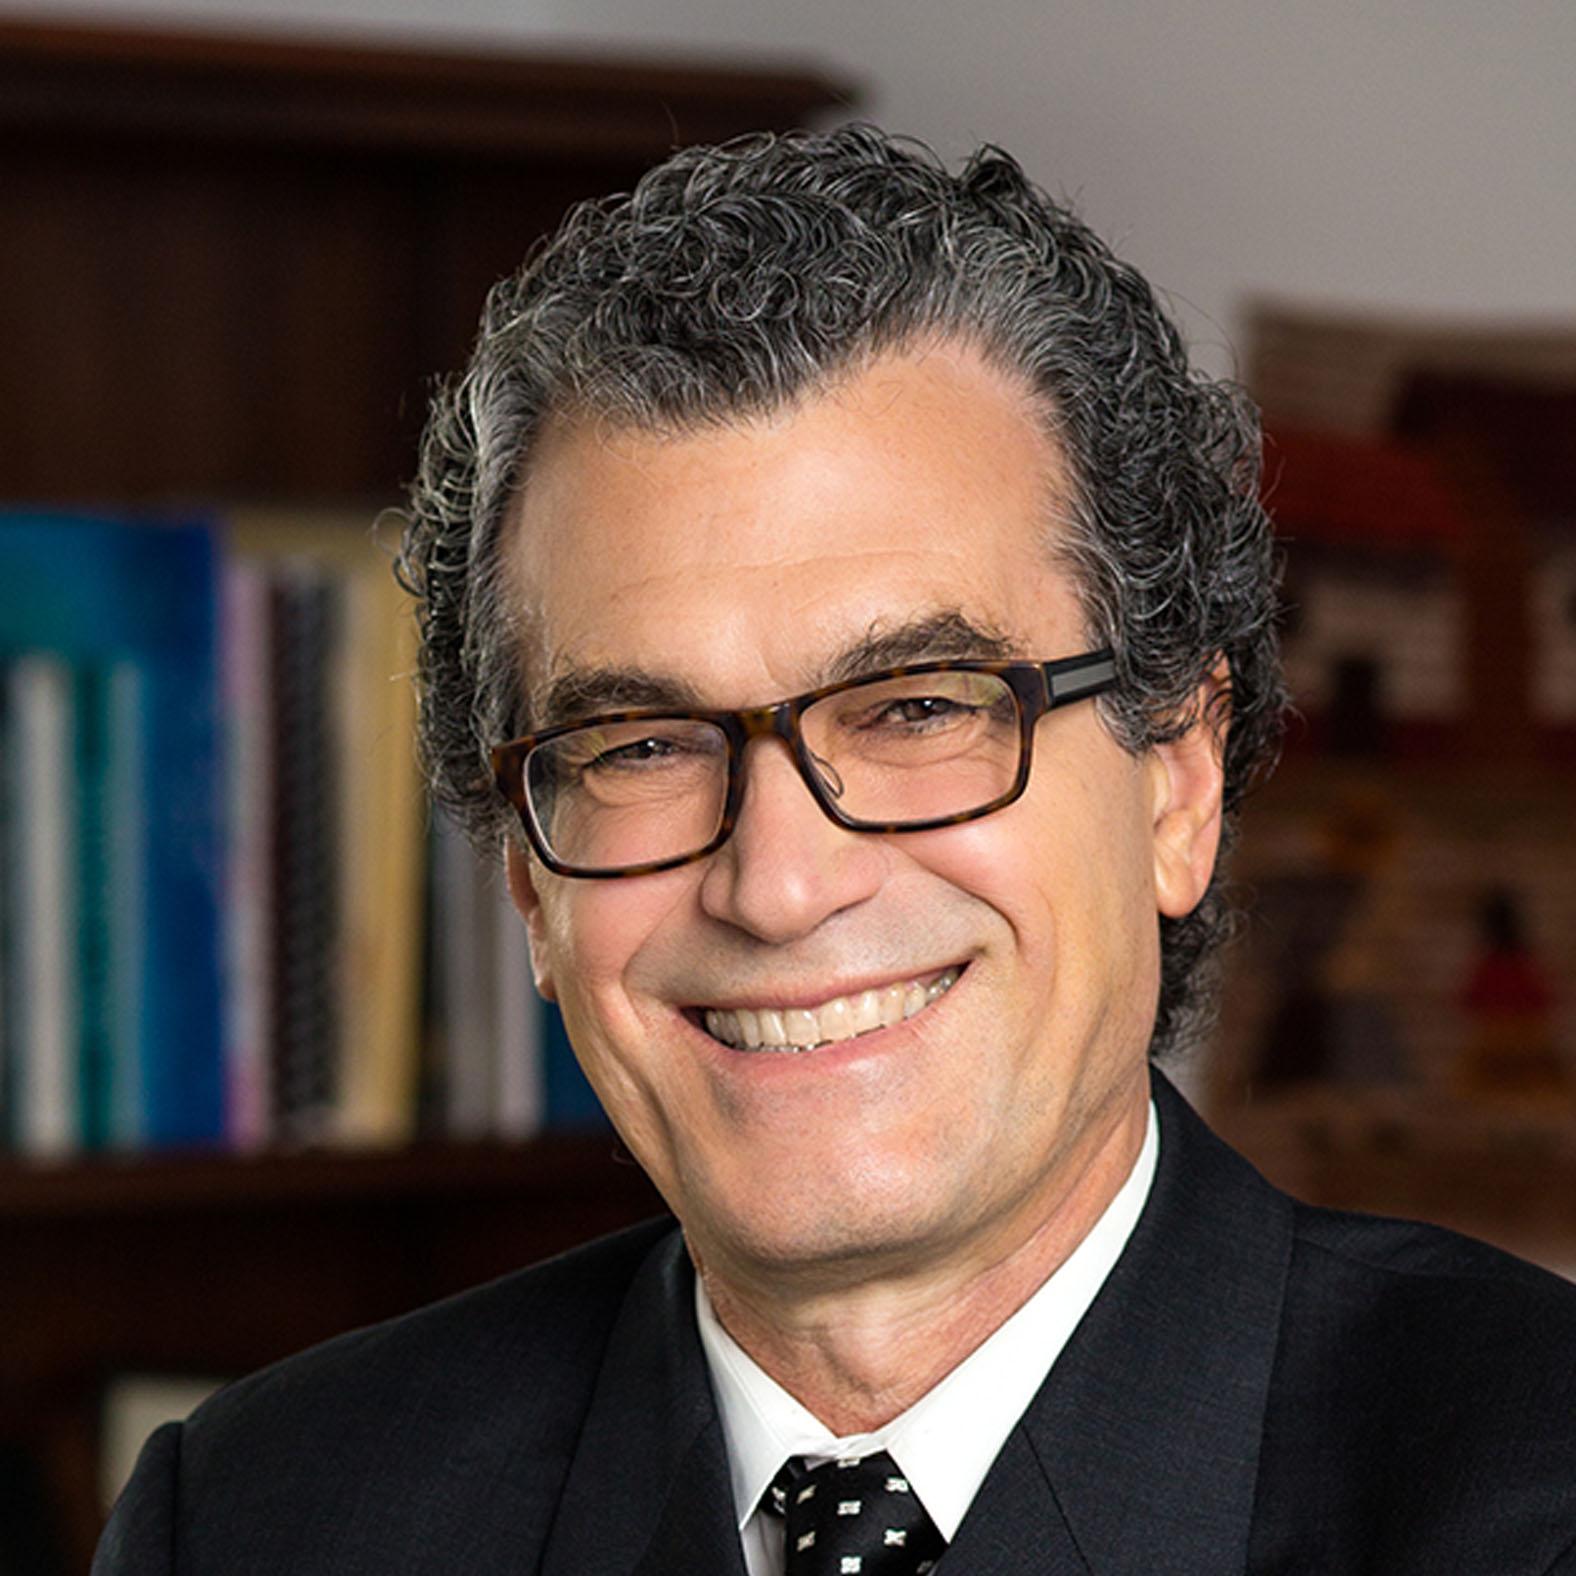 Eliseo J. Pérez-Stable